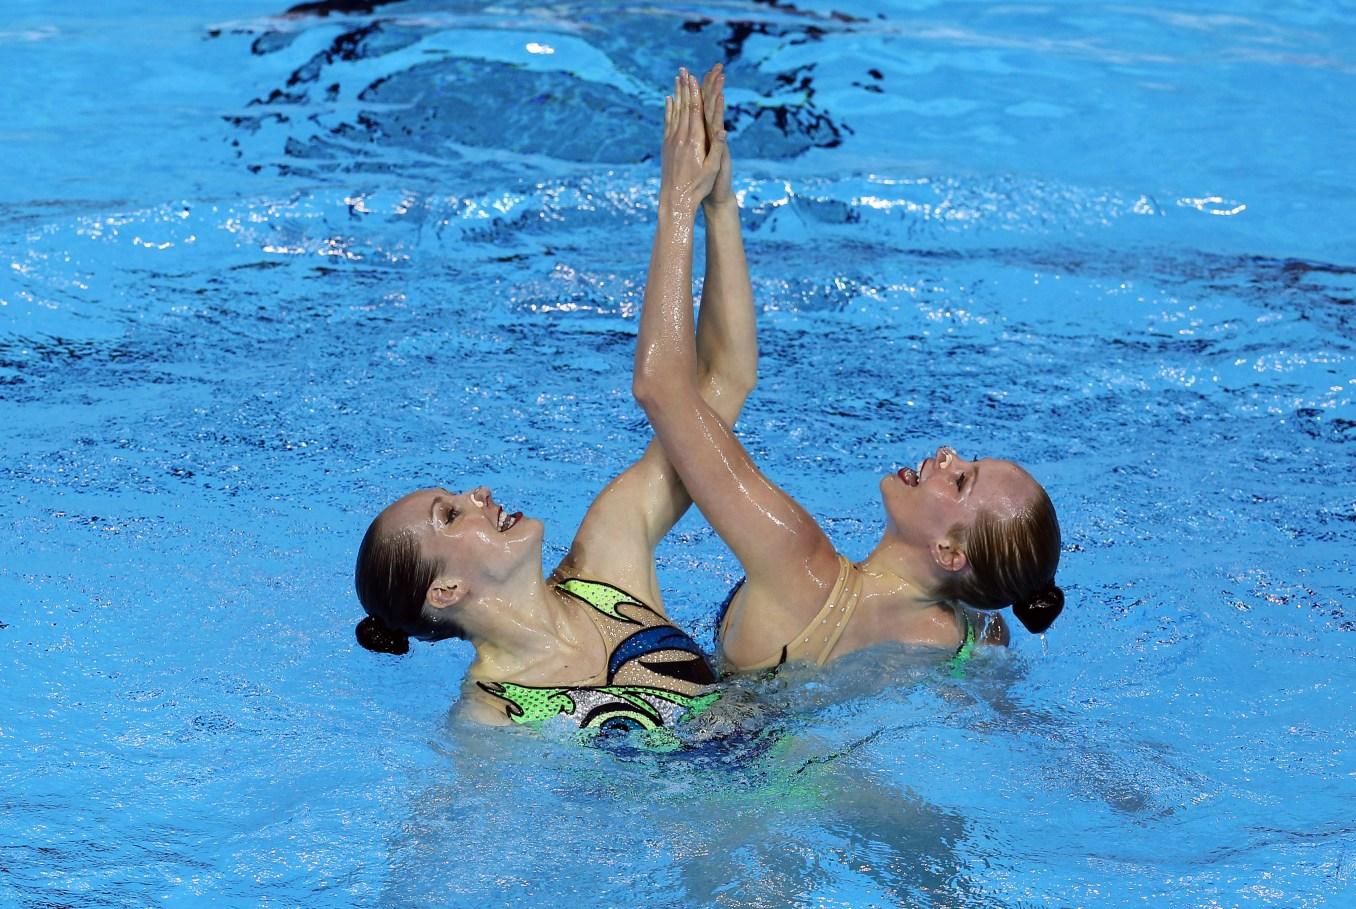 Jacqueline Simoneau et Karine Thomas pendant leur routine libre qui leur aura valu l'or aux Jeux panaméricains de 2015. (AP Photo/Rebecca Blackwell)